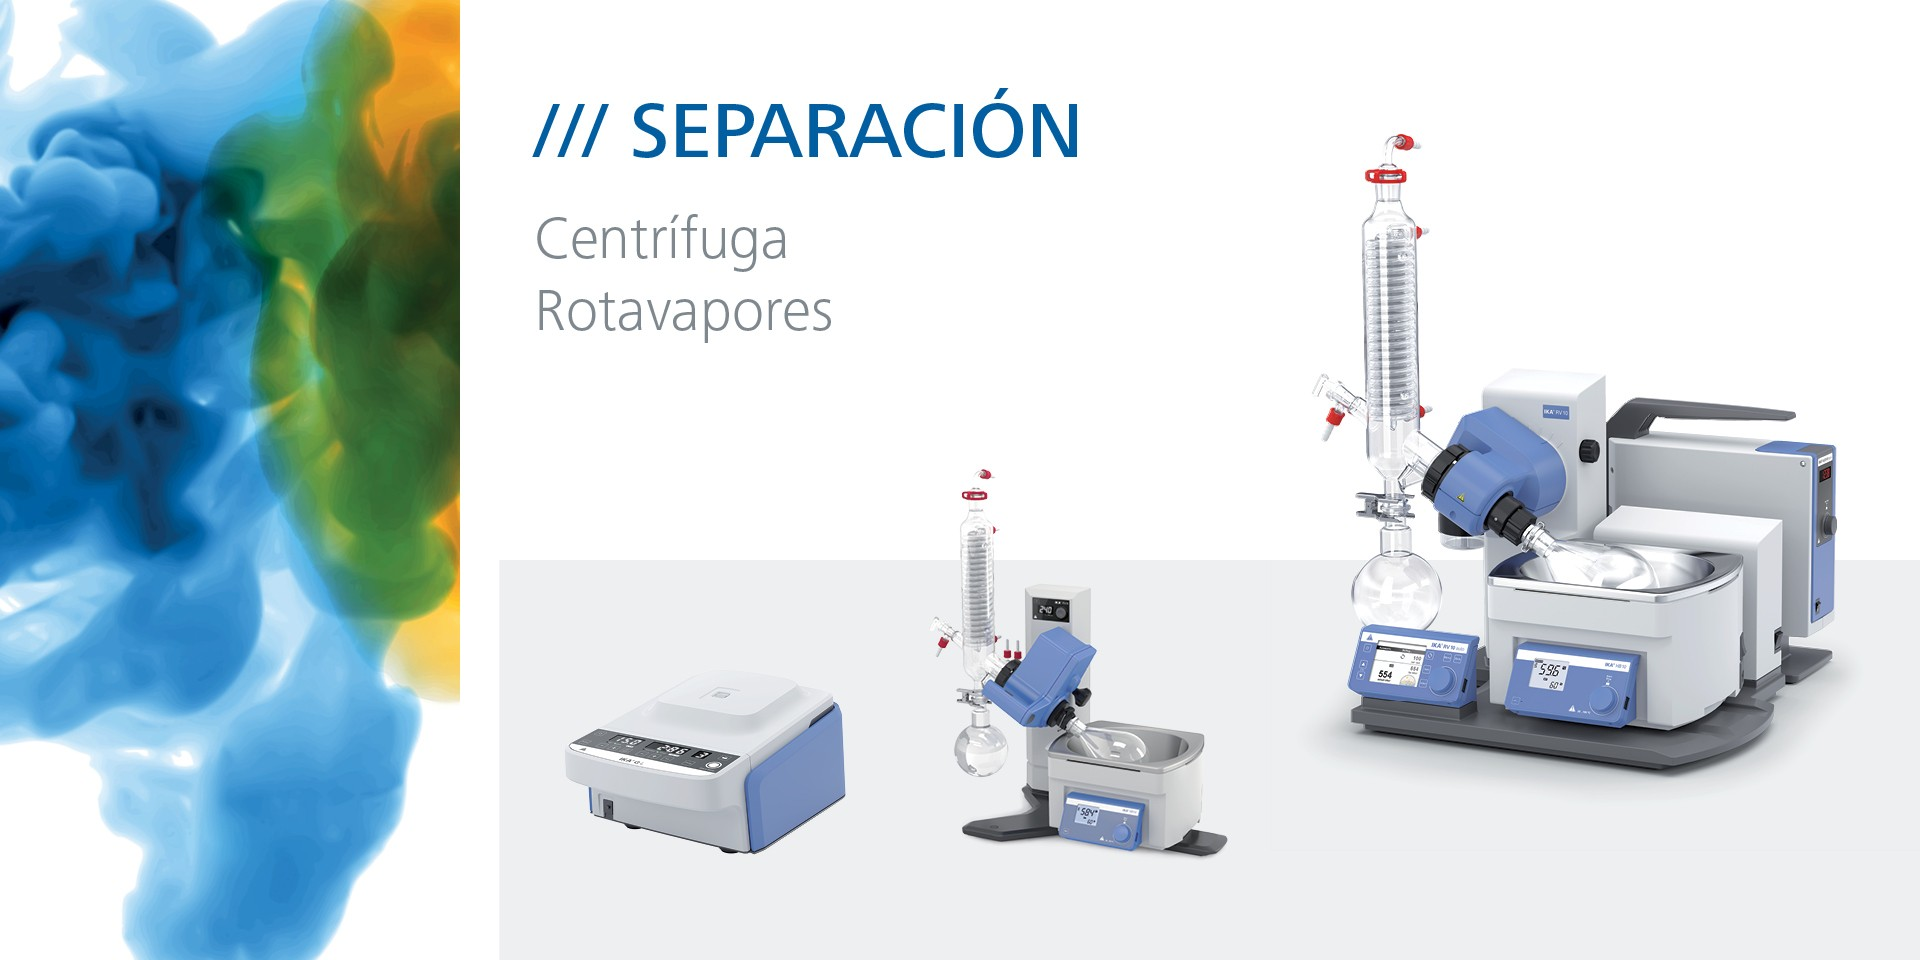 evaporadores rotatorios,rotavapor